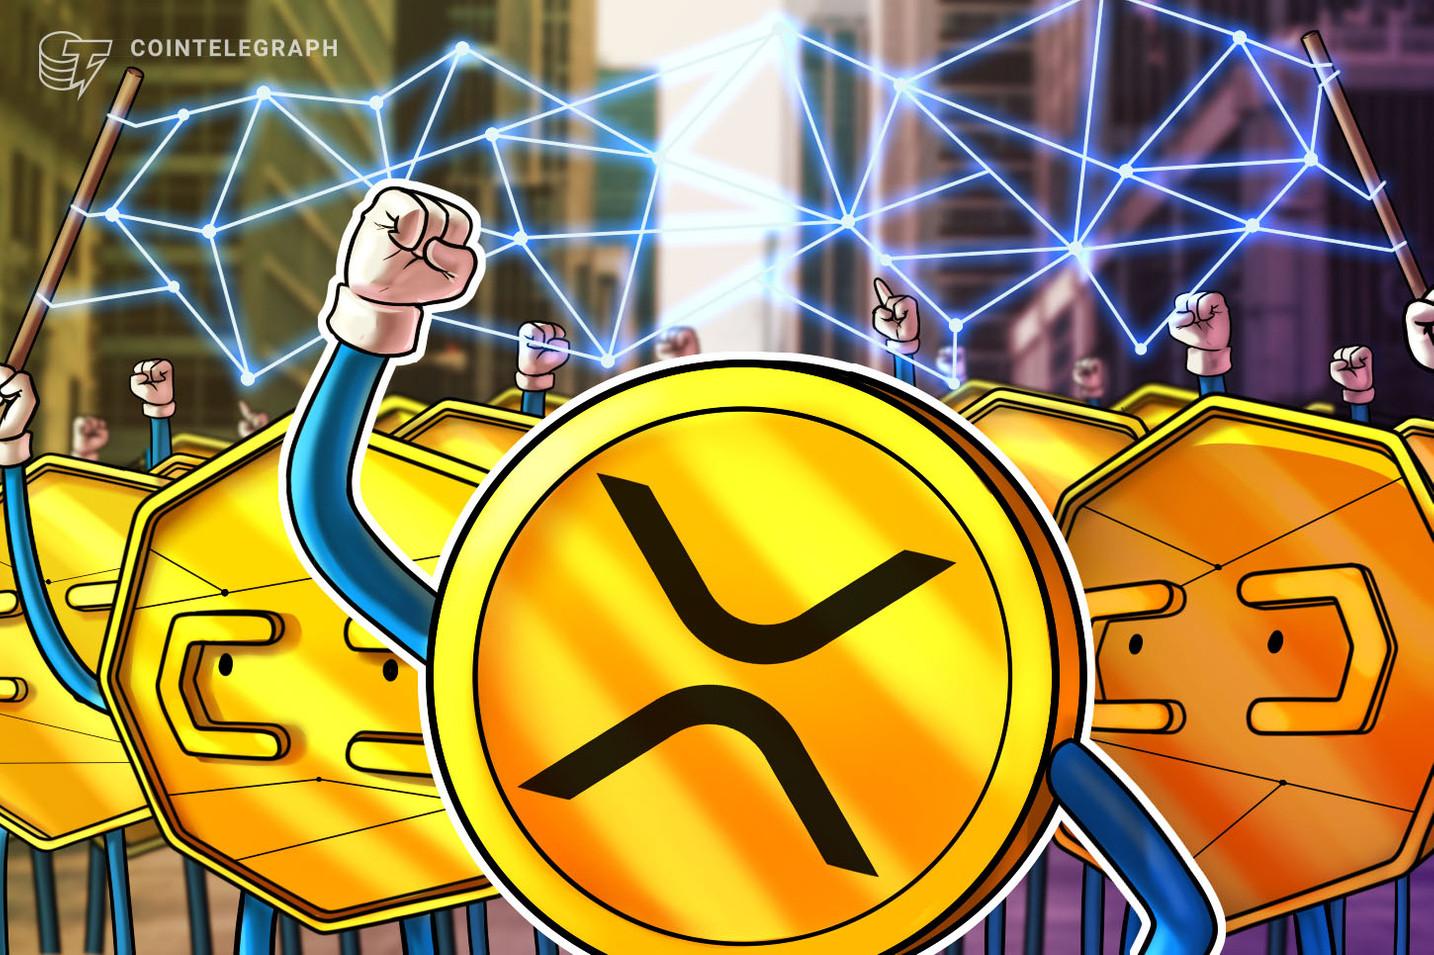 El precio de XRP podría superar al de Bitcoin a corto plazo, pero ¿cómo?